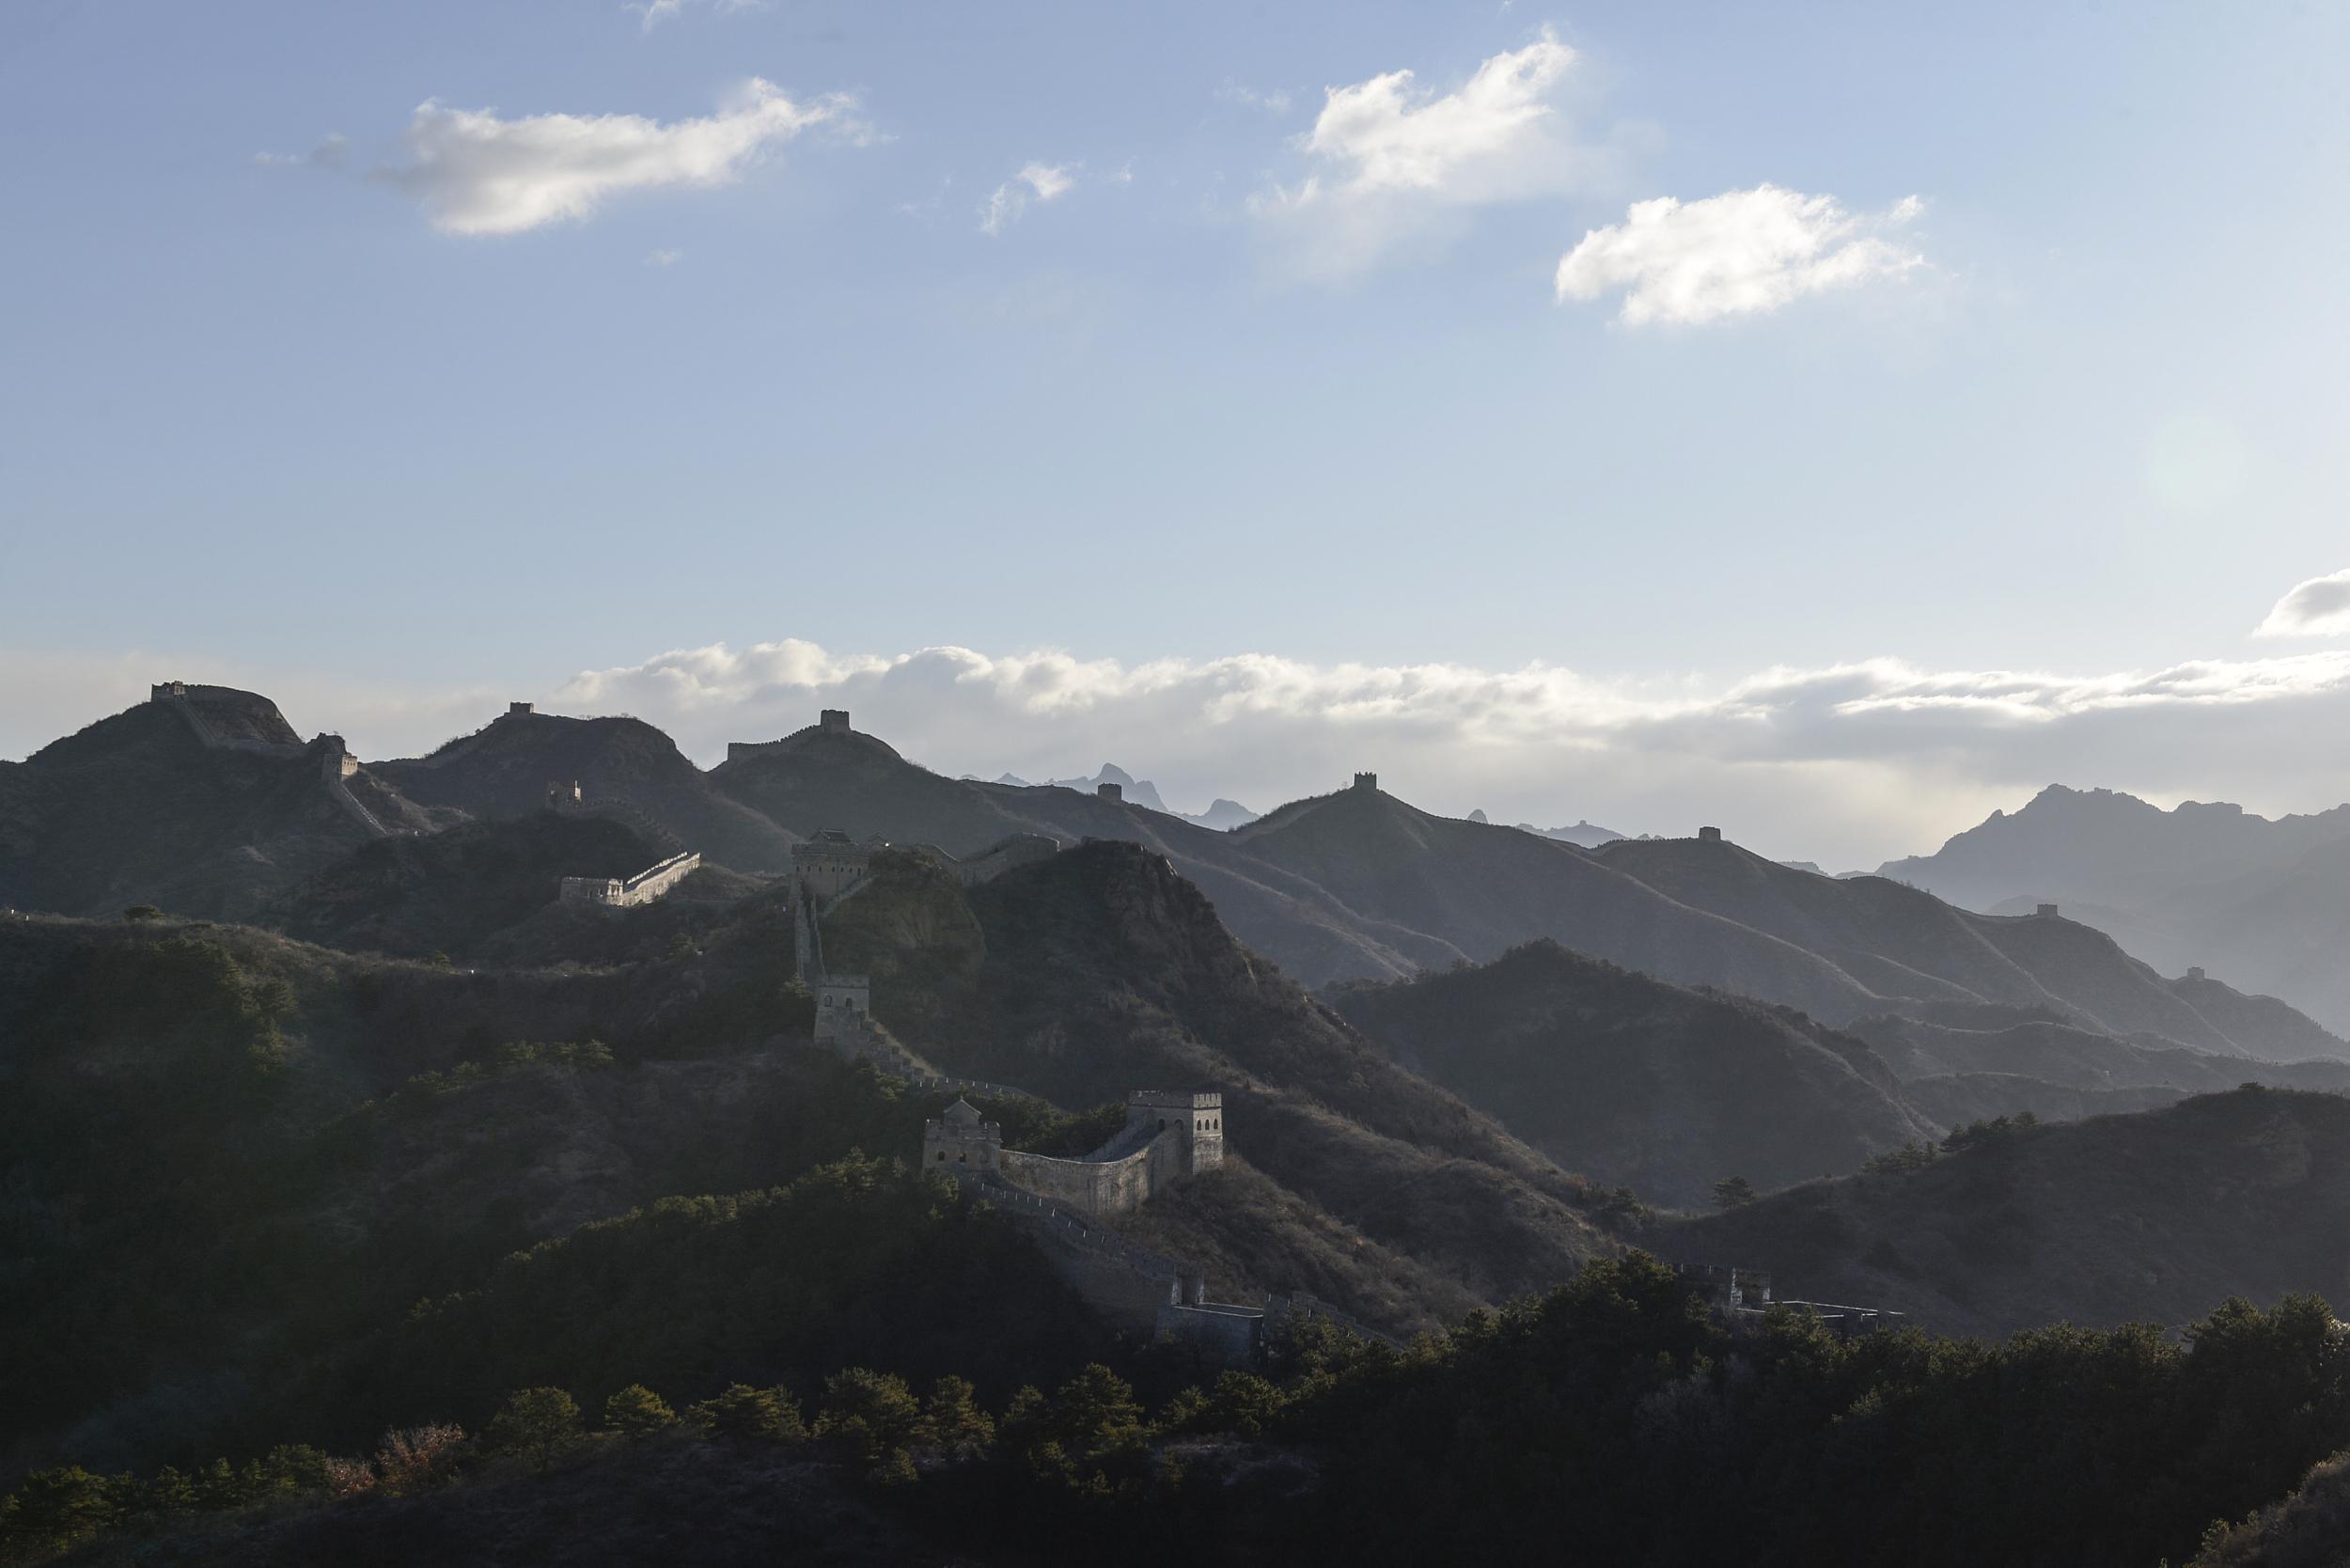 河北承德:金山岭长城晨光迷人